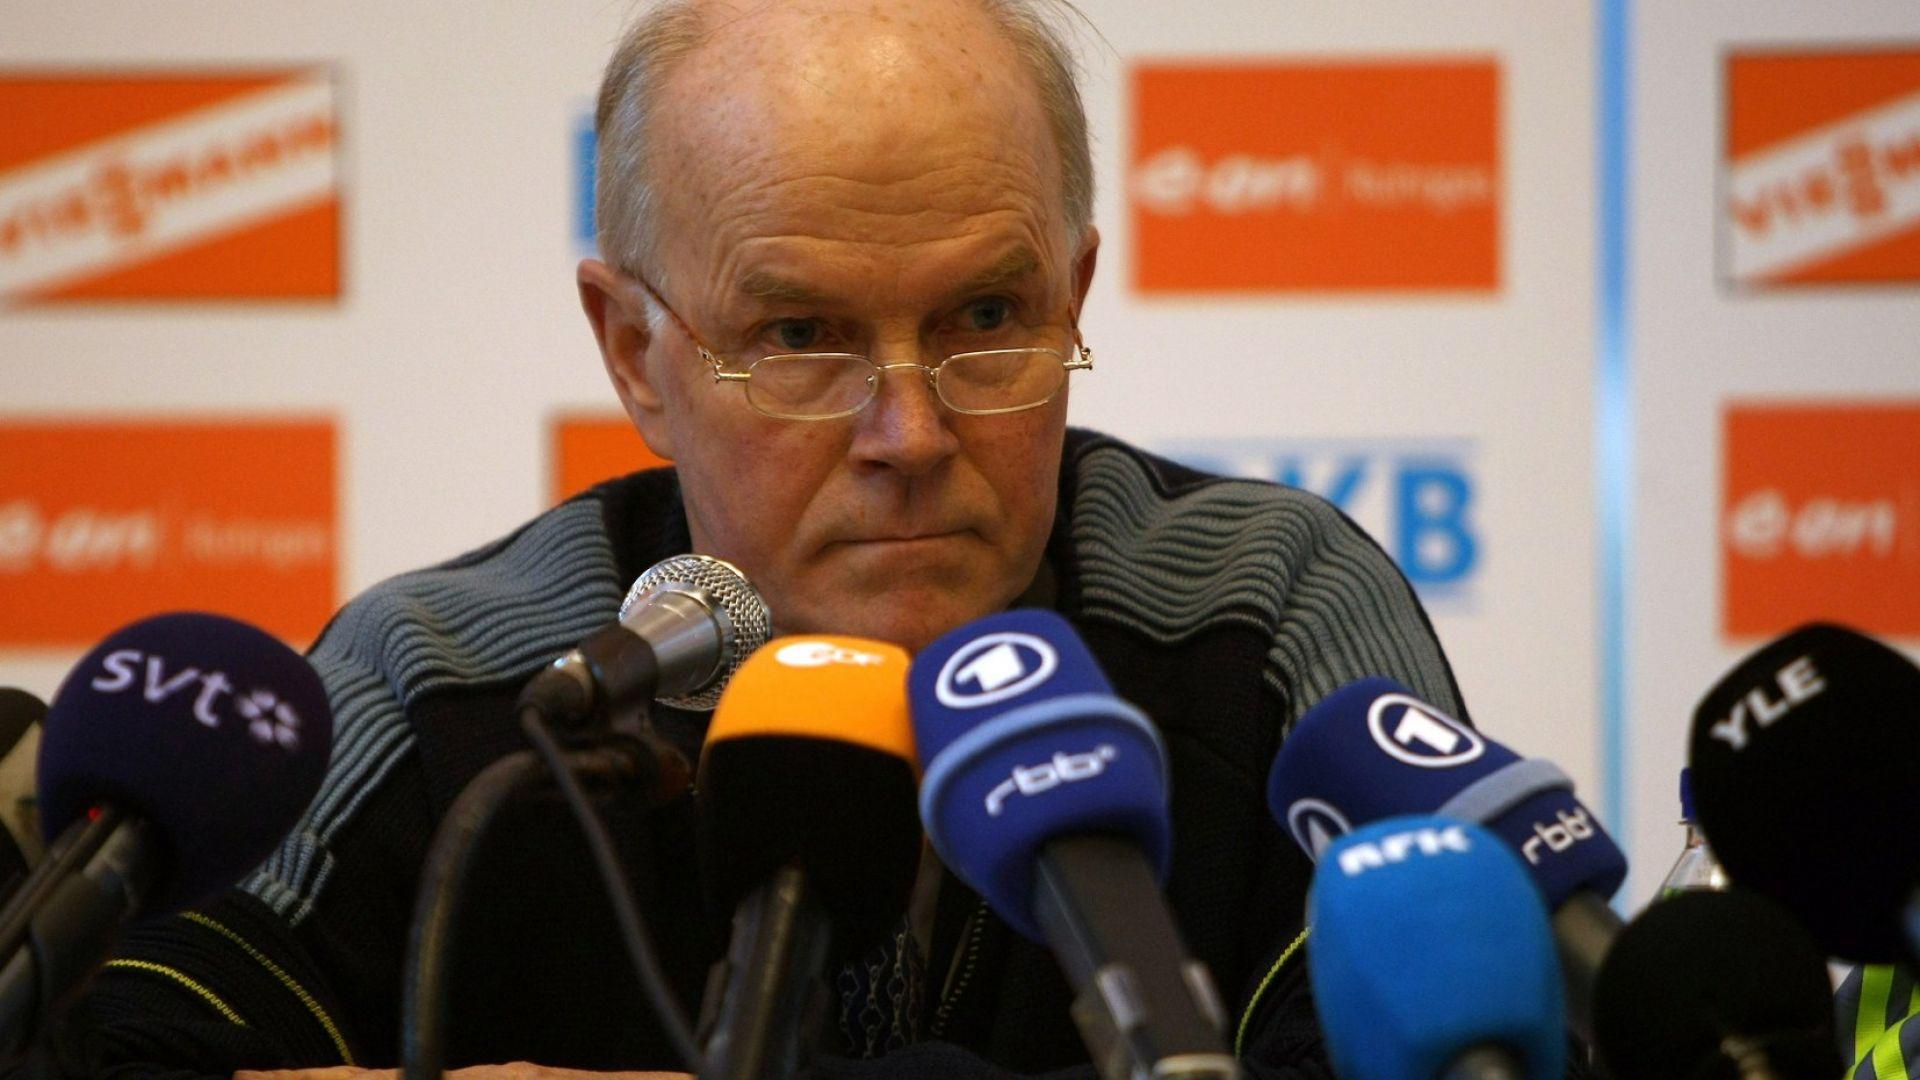 Бившият шеф на биатлона беше признат за виновен в укриване на допинг на руснаците